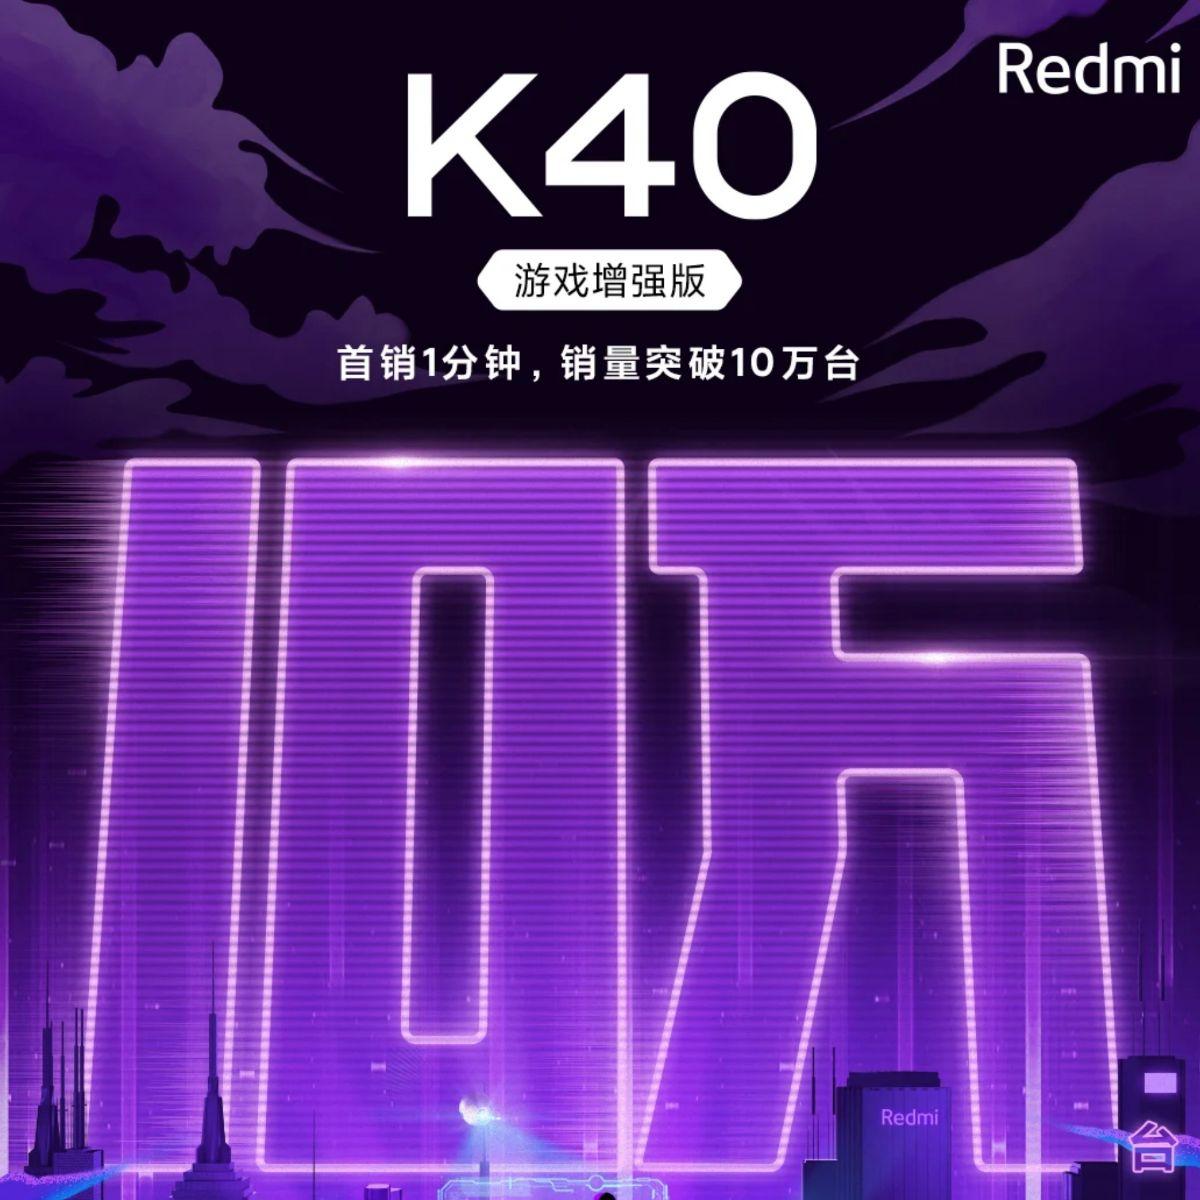 فروش ردمی K40 Game Enhanced Edition